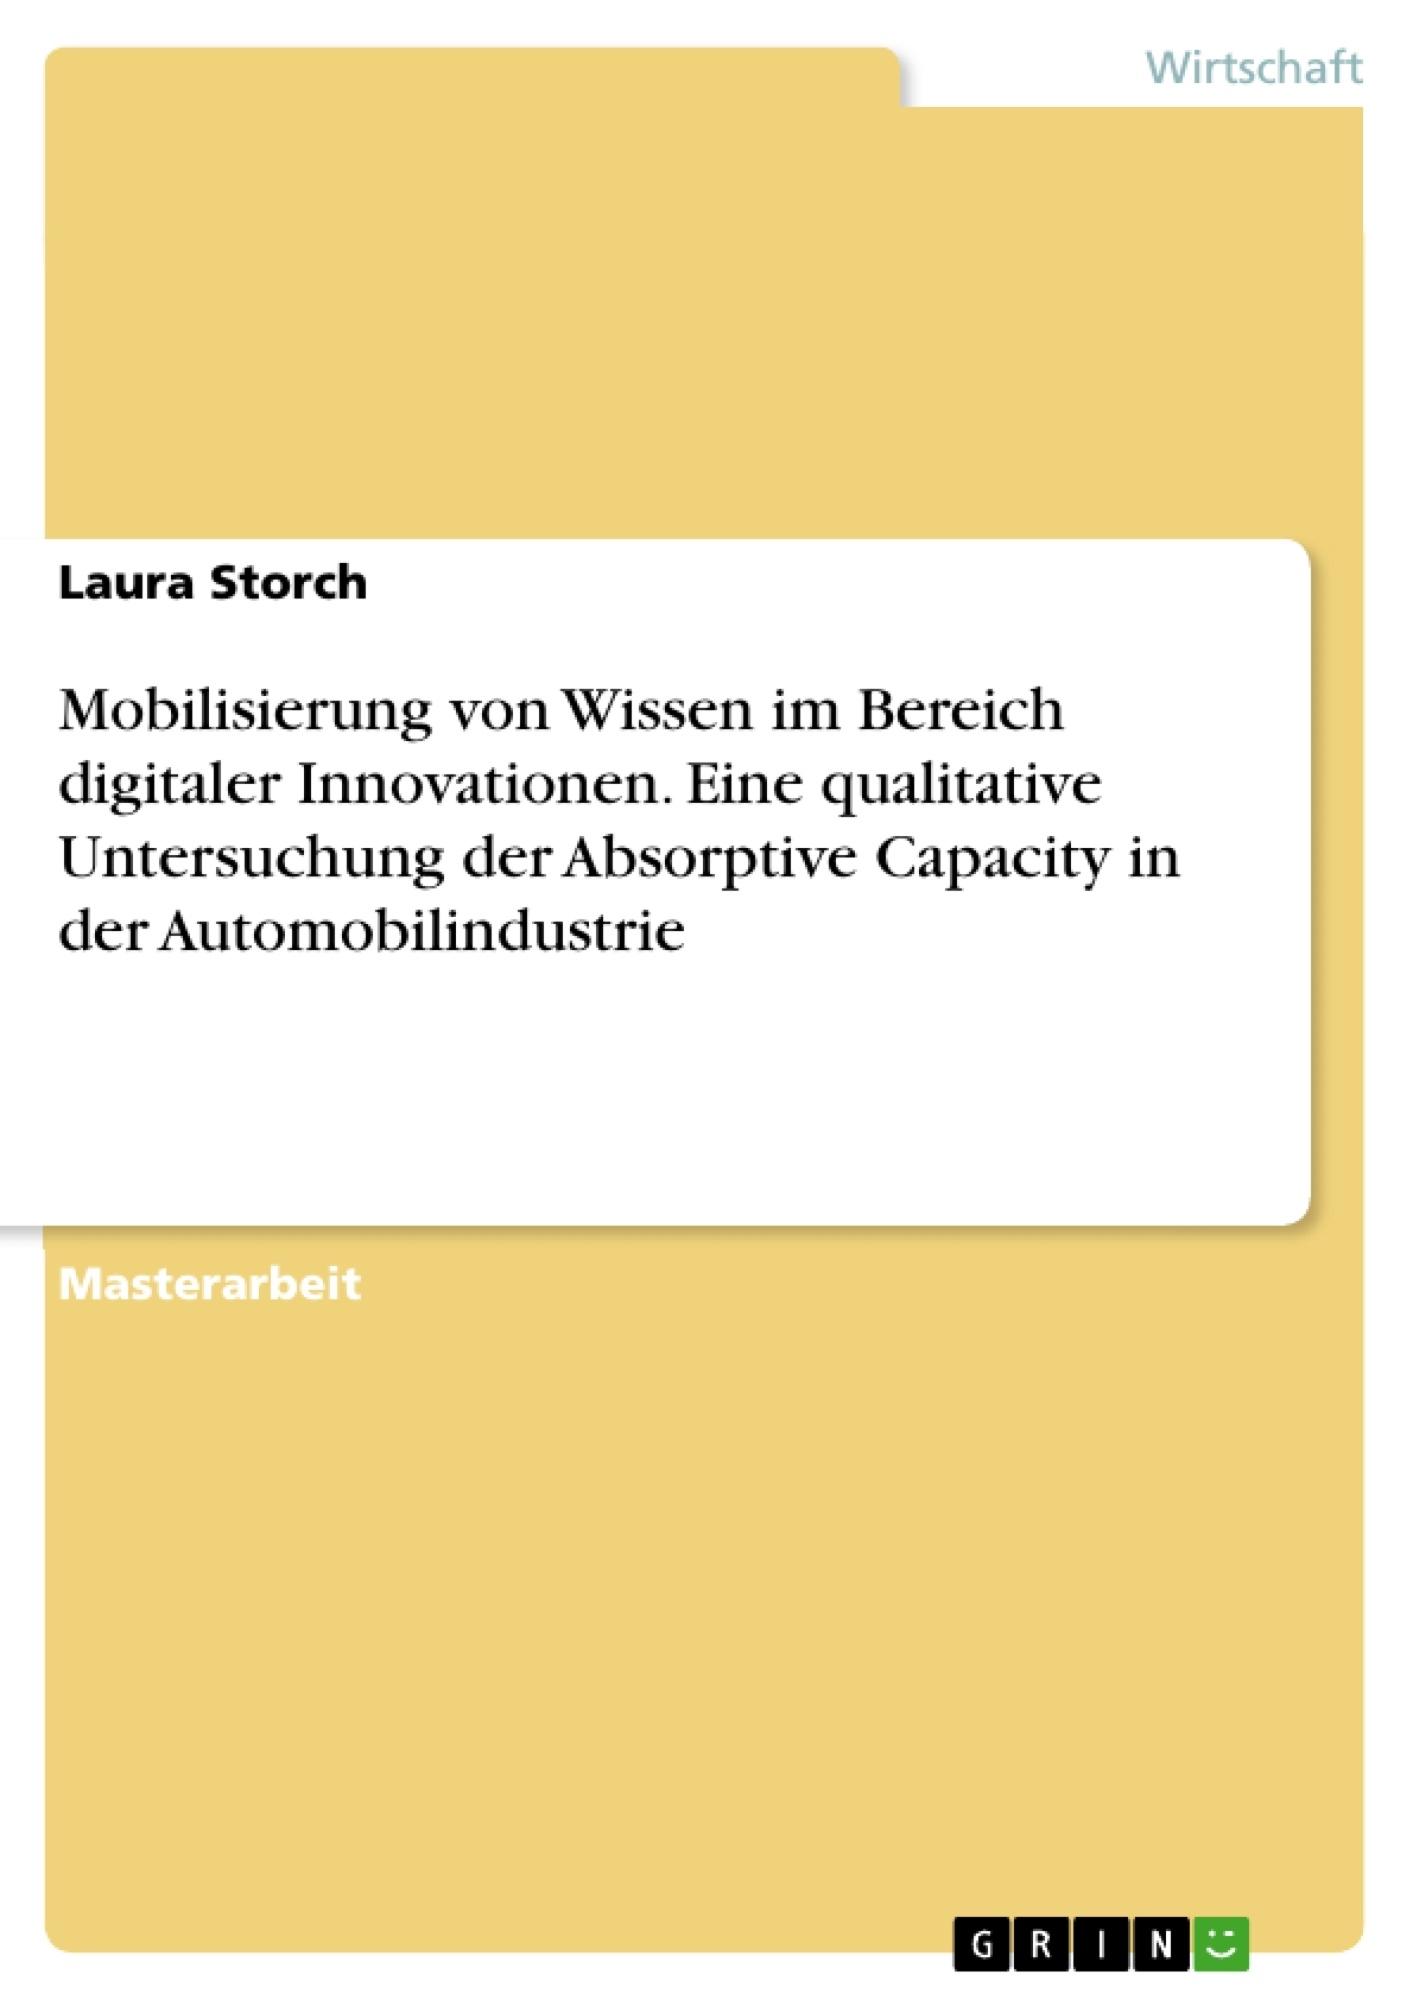 Titel: Mobilisierung von Wissen im Bereich digitaler Innovationen. Eine qualitative Untersuchung der Absorptive Capacity in der Automobilindustrie